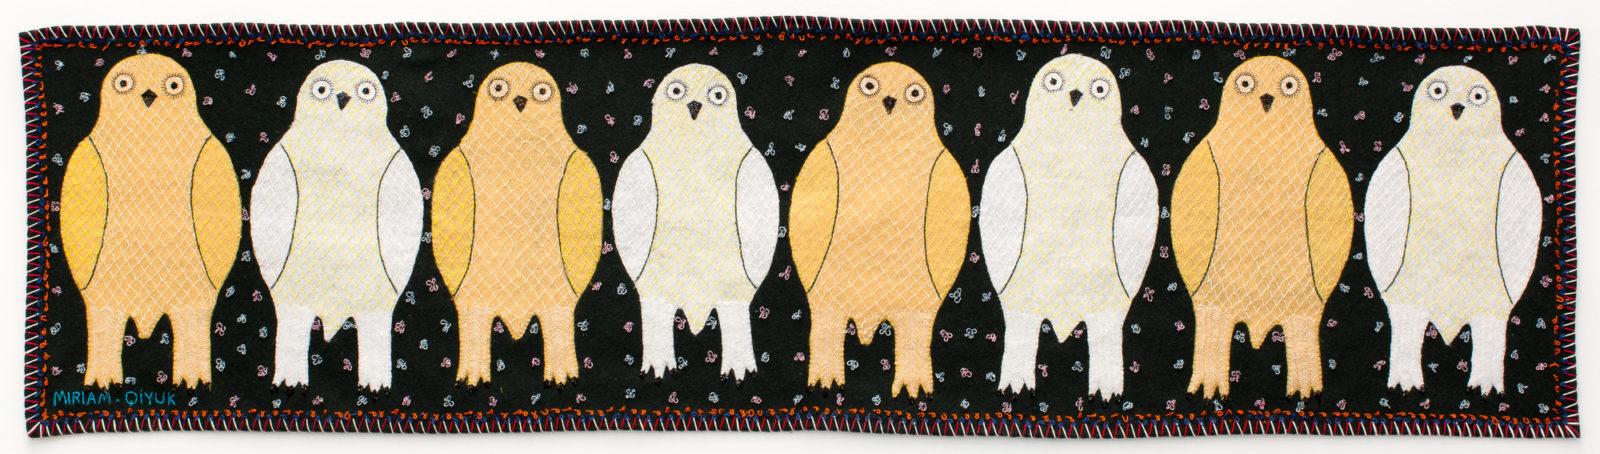 Miriam Qiyuk - untitled (eight owls)